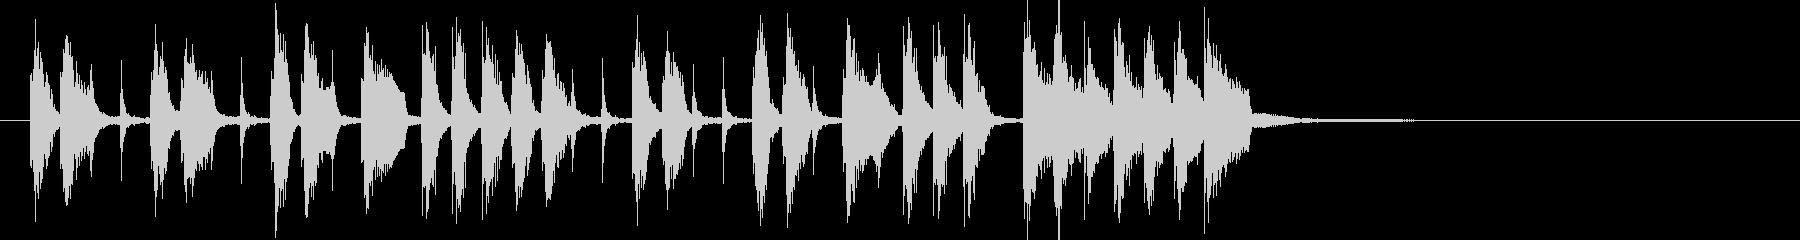 三味線や鼓による渋いブルーノート和楽の未再生の波形